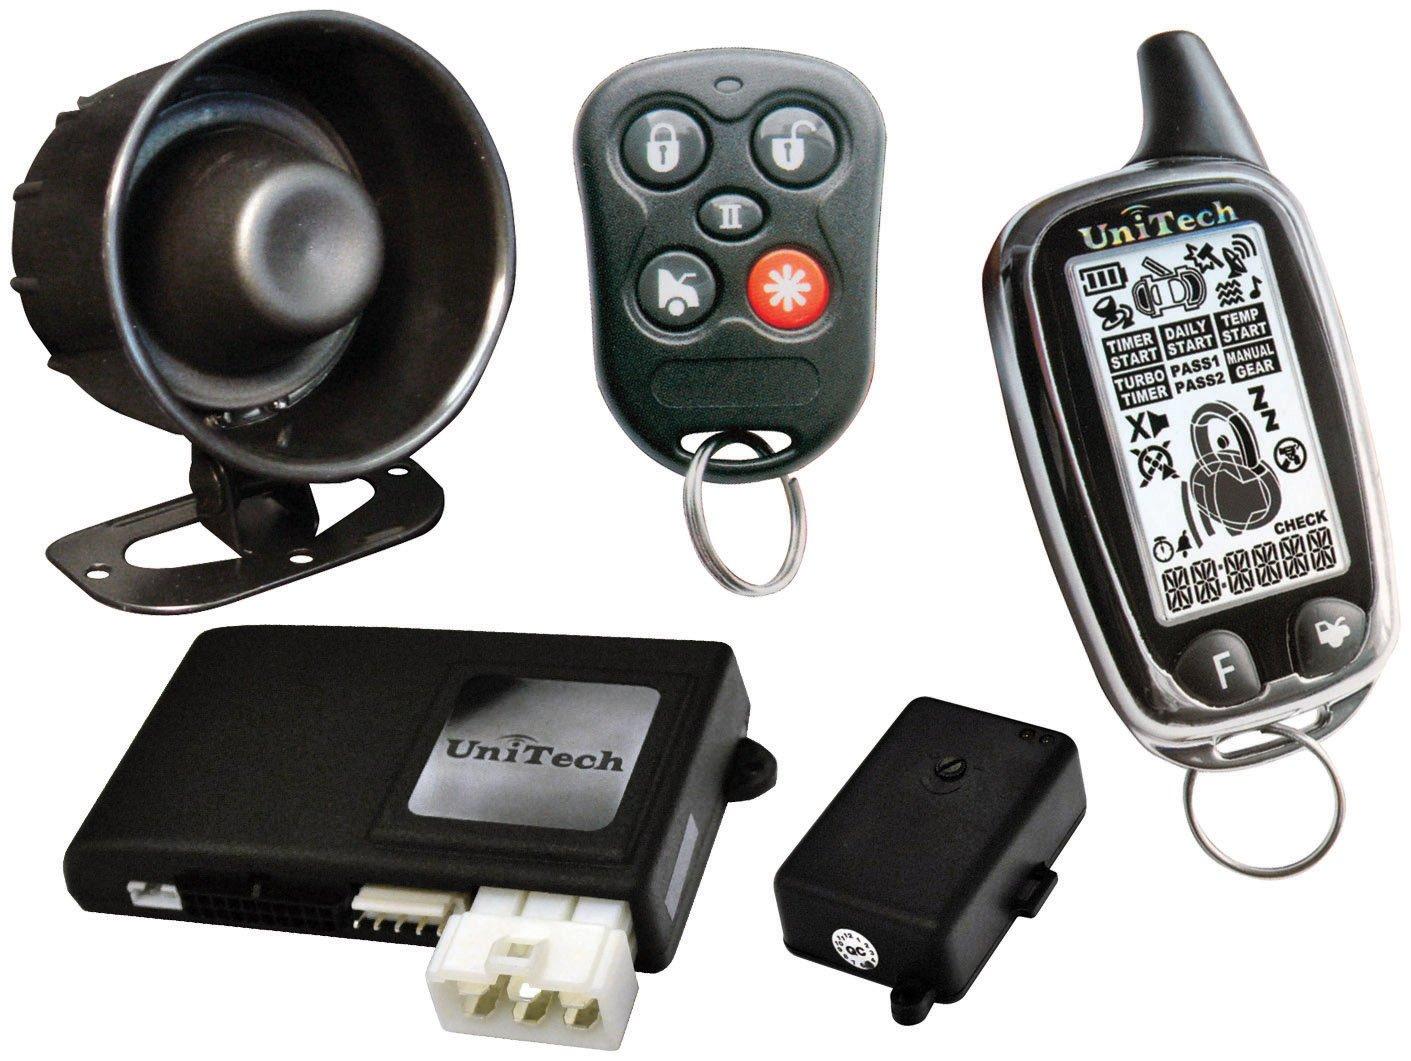 valet remote car starter wiring diagram valet remote